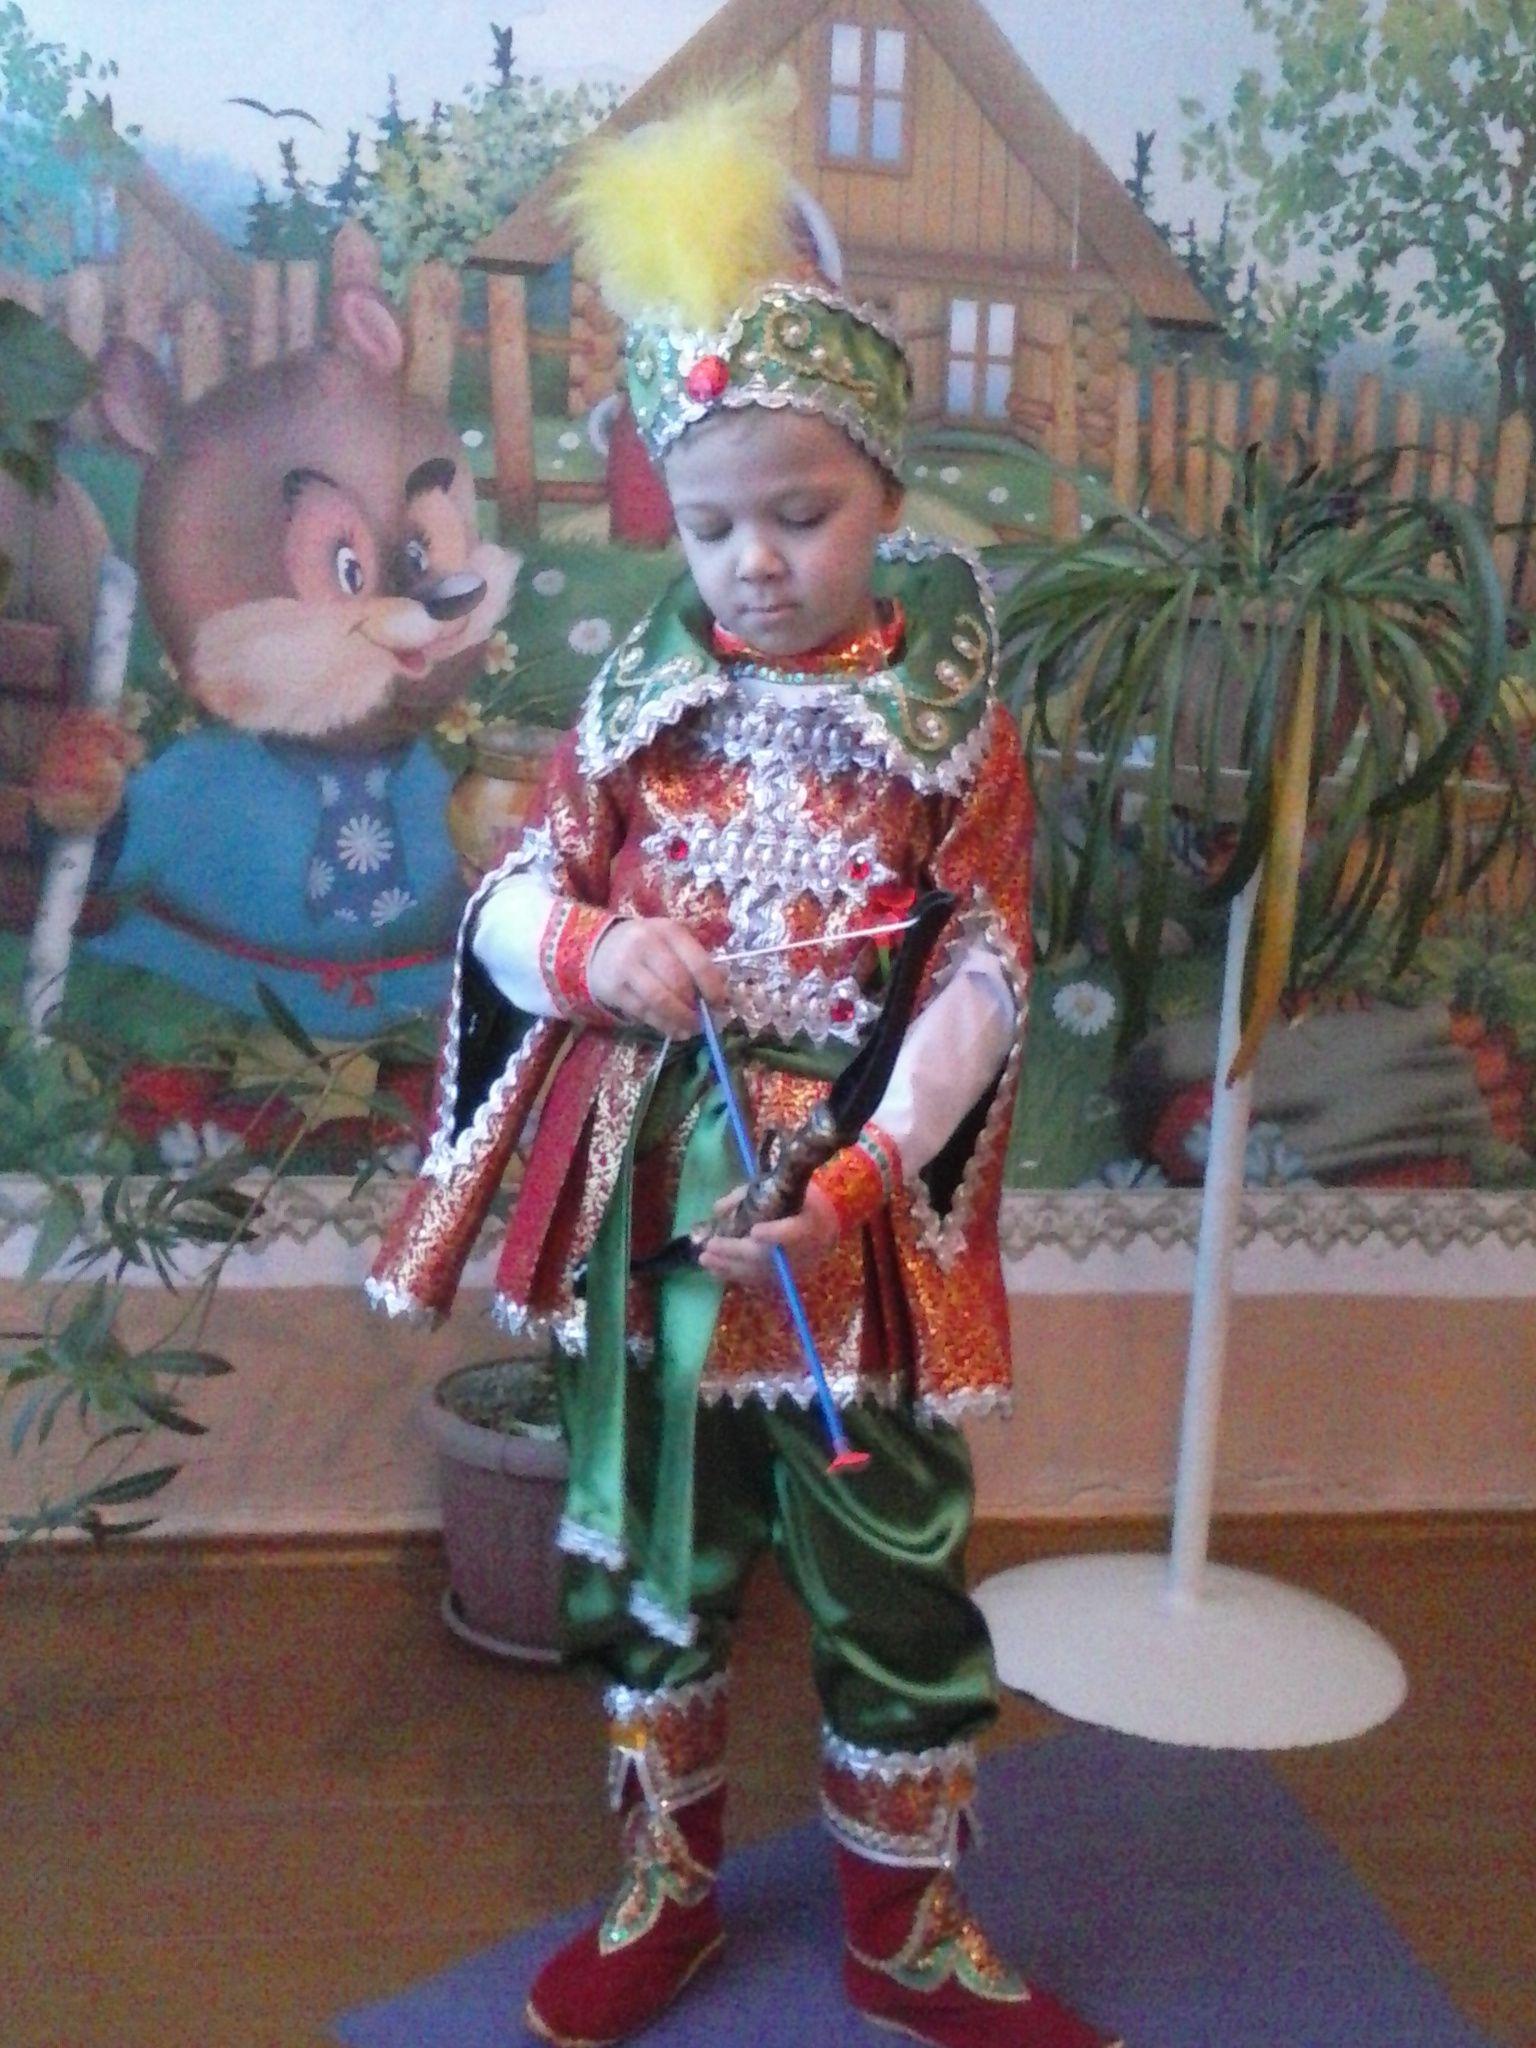 детское ручнаяработа купить сказочныегерои костюм новыйгод праздник одежда карнавал дети